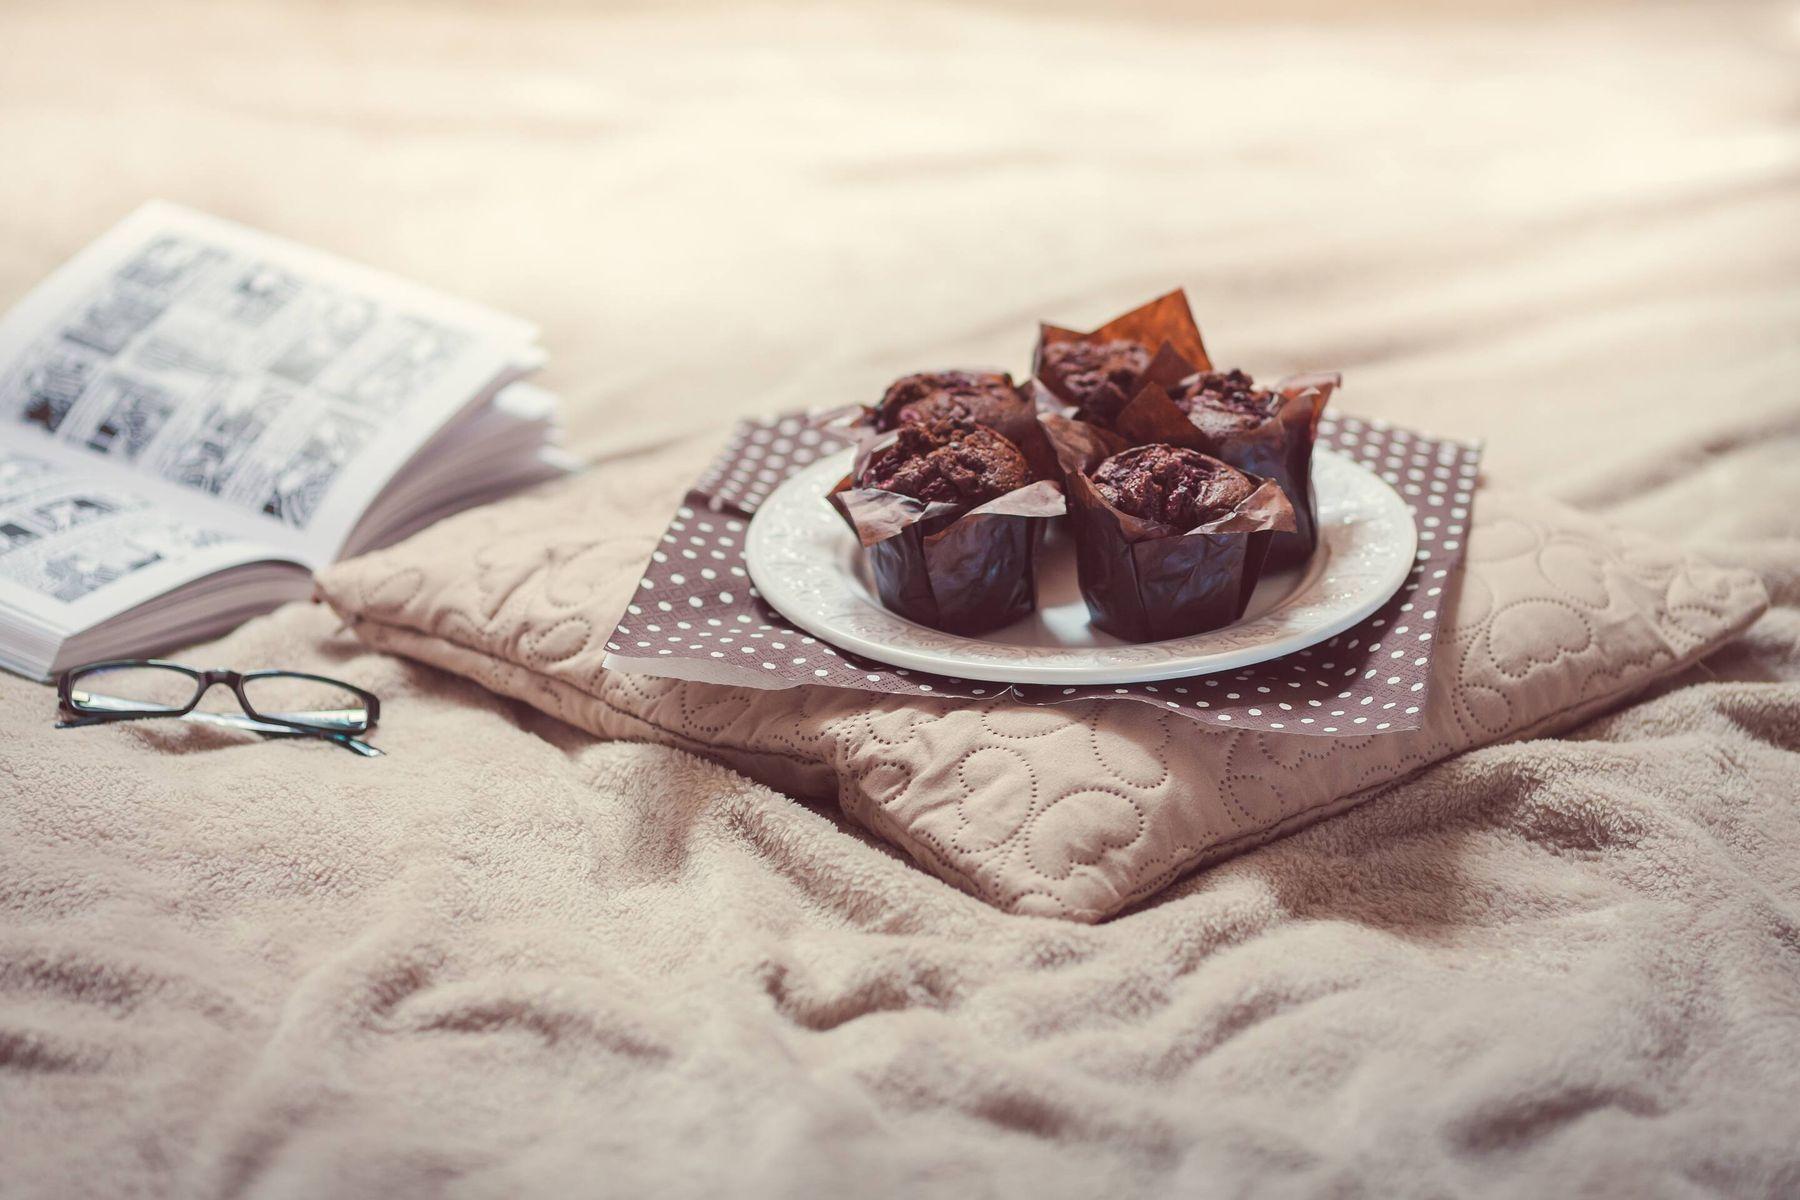 Giysi ve Kumaşlardan Çikolata Lekesi Nasıl Çıkar?